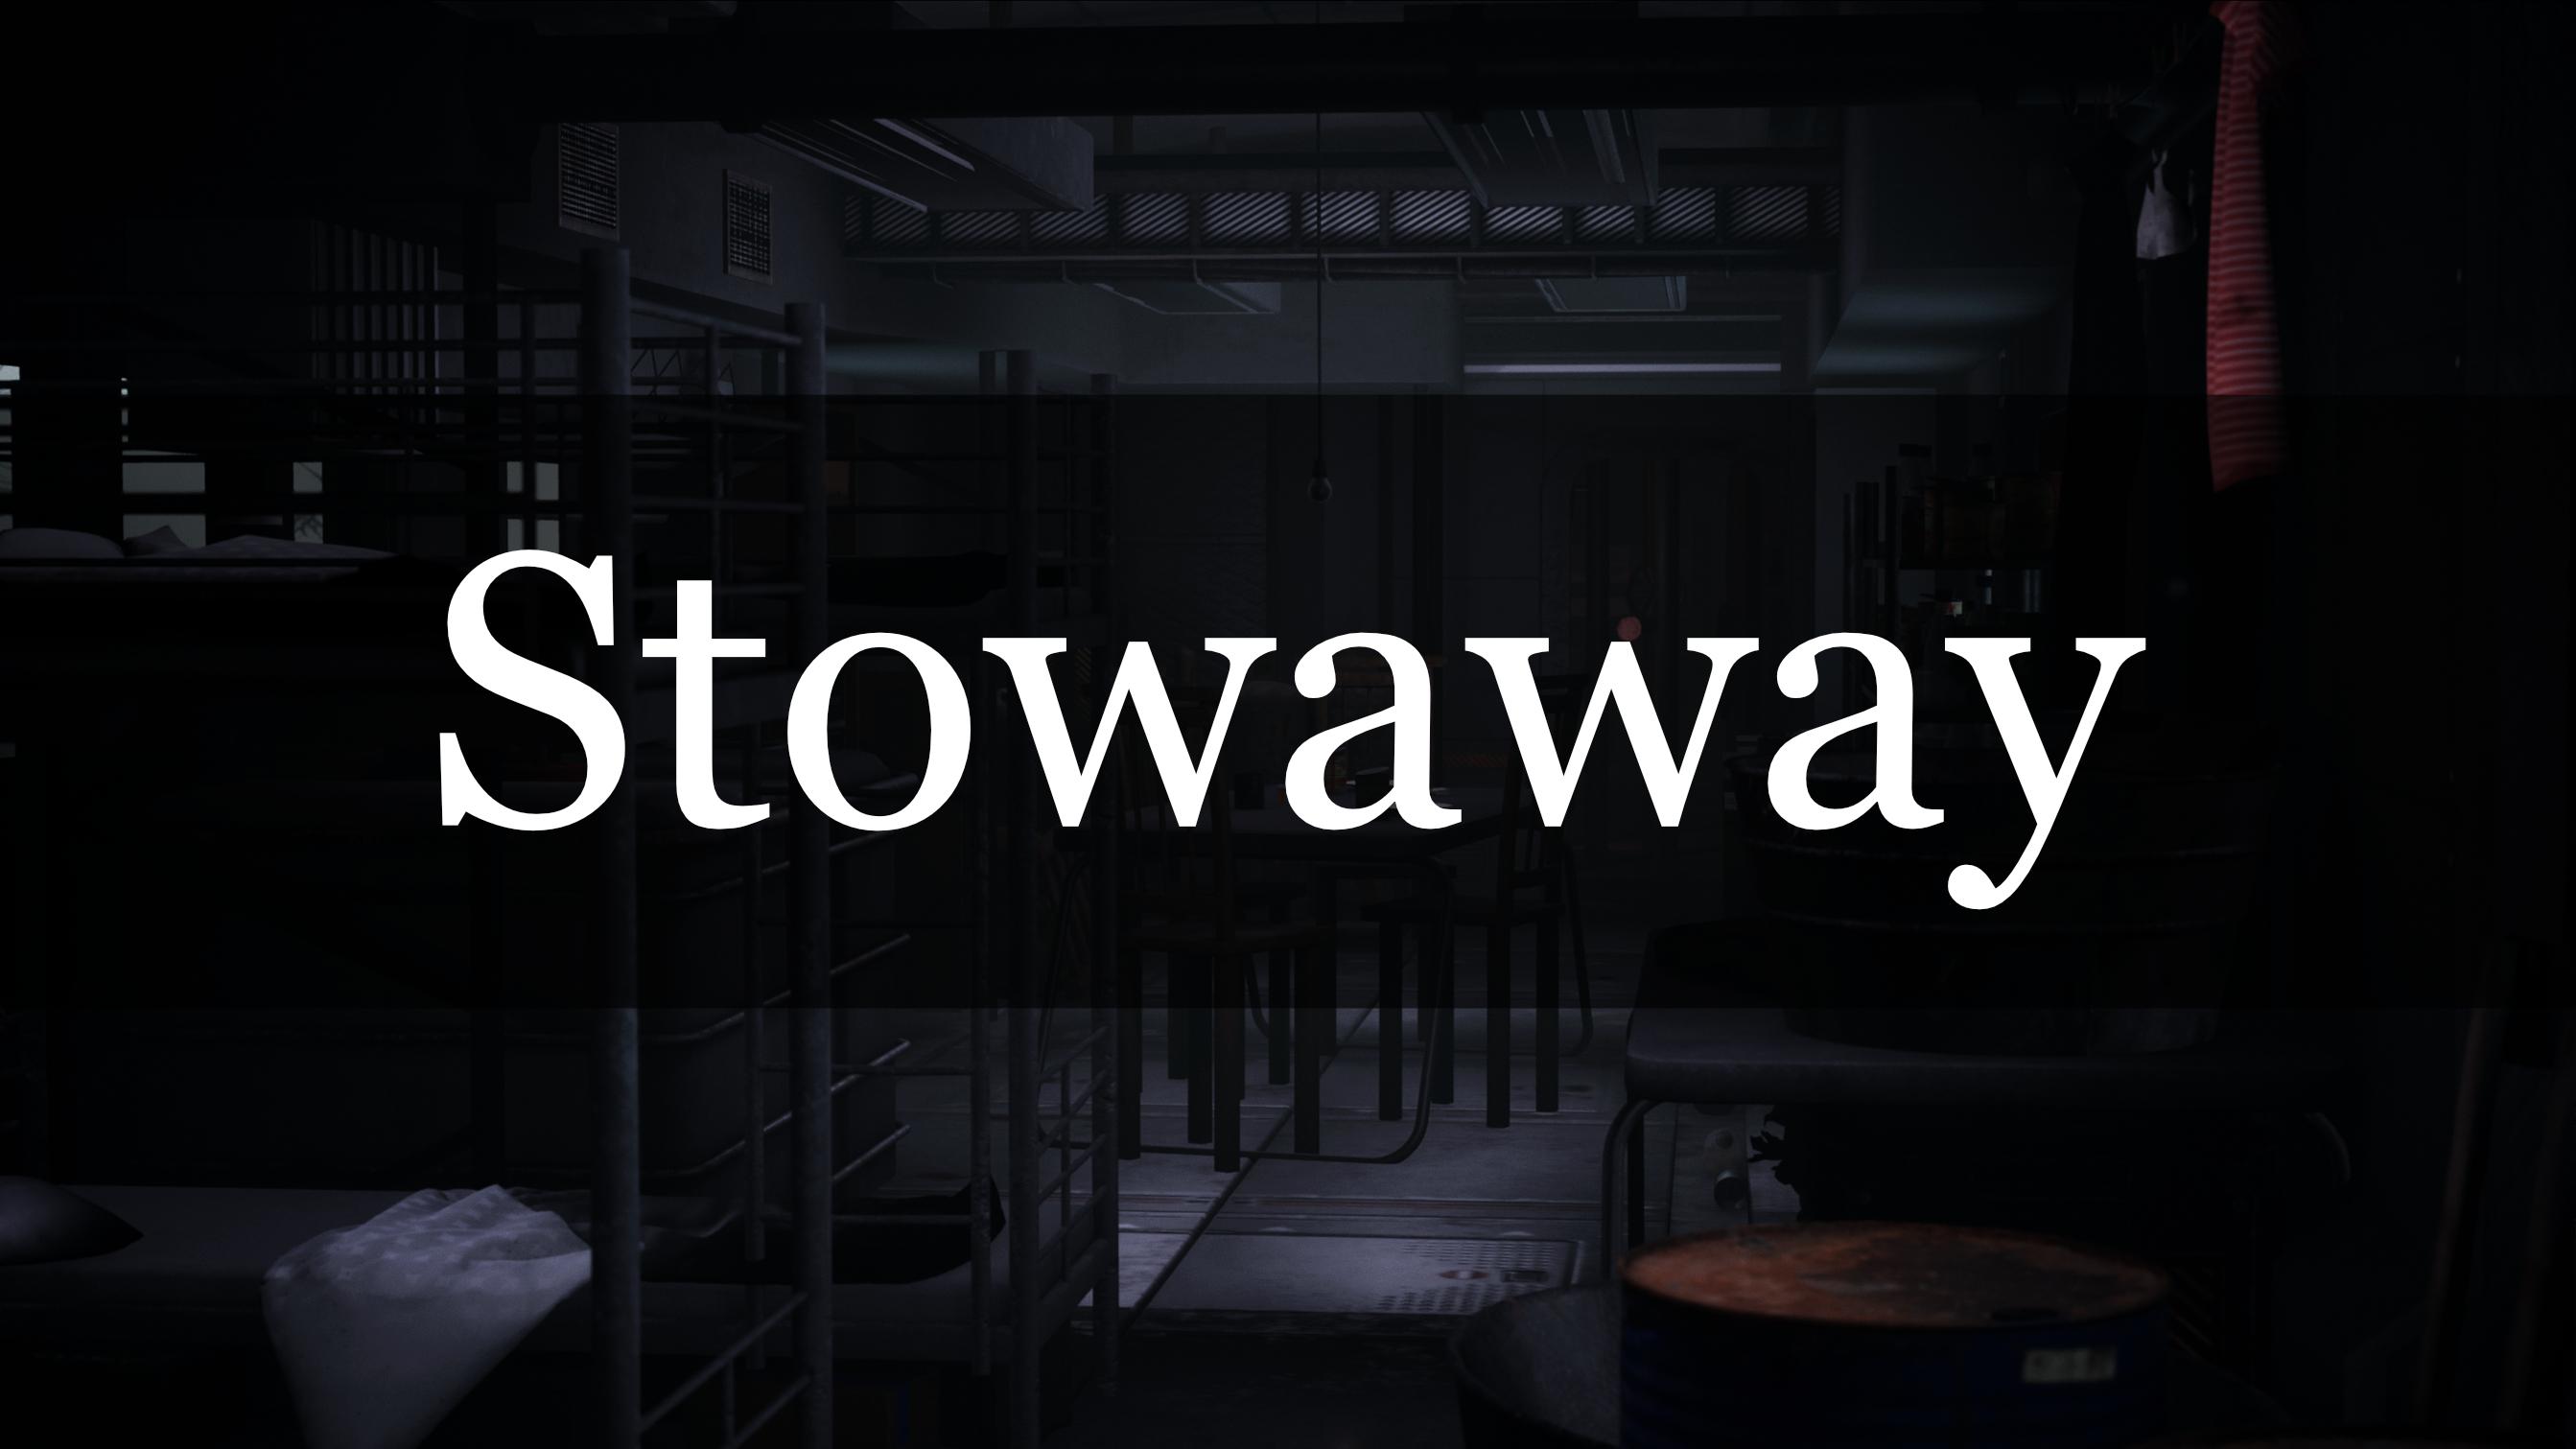 Westerdals Institutt for Film og Medier - Stowaway